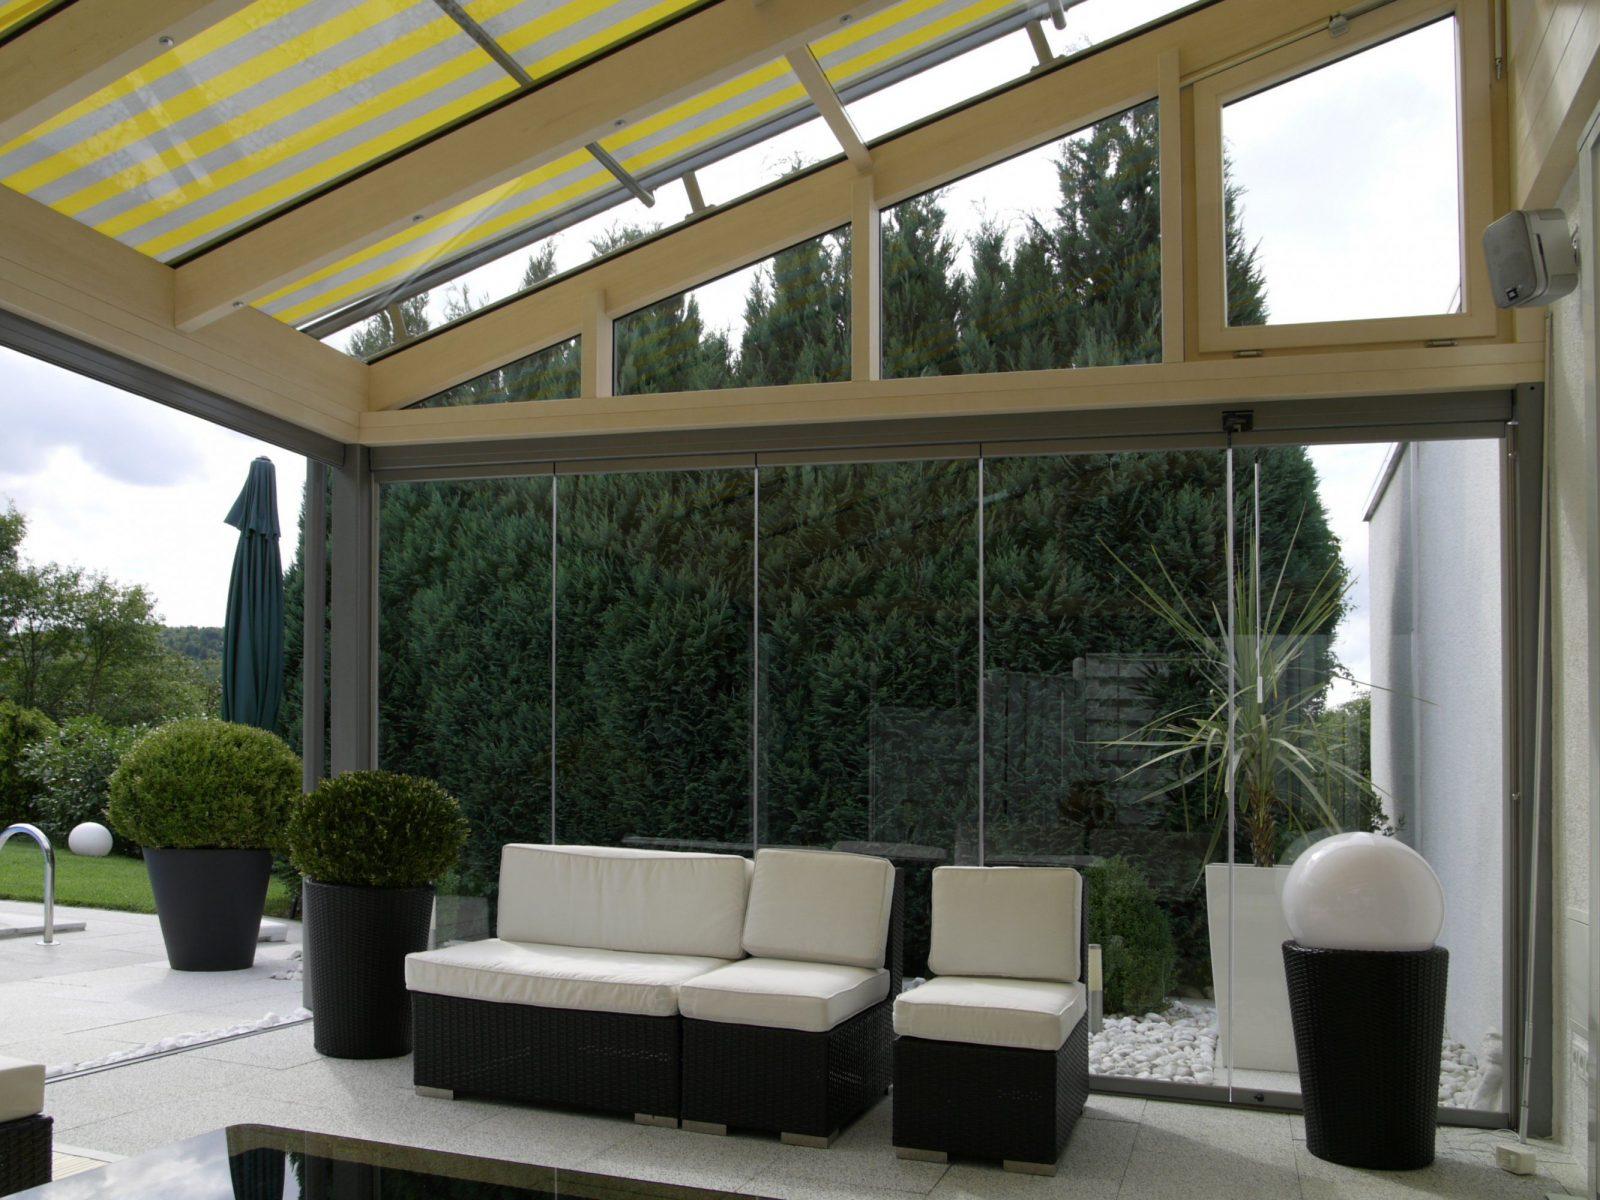 Terrasse Glas Windschutz Fm59 – Hitoiro von Windschutz Für Terrasse Aus Glas Photo